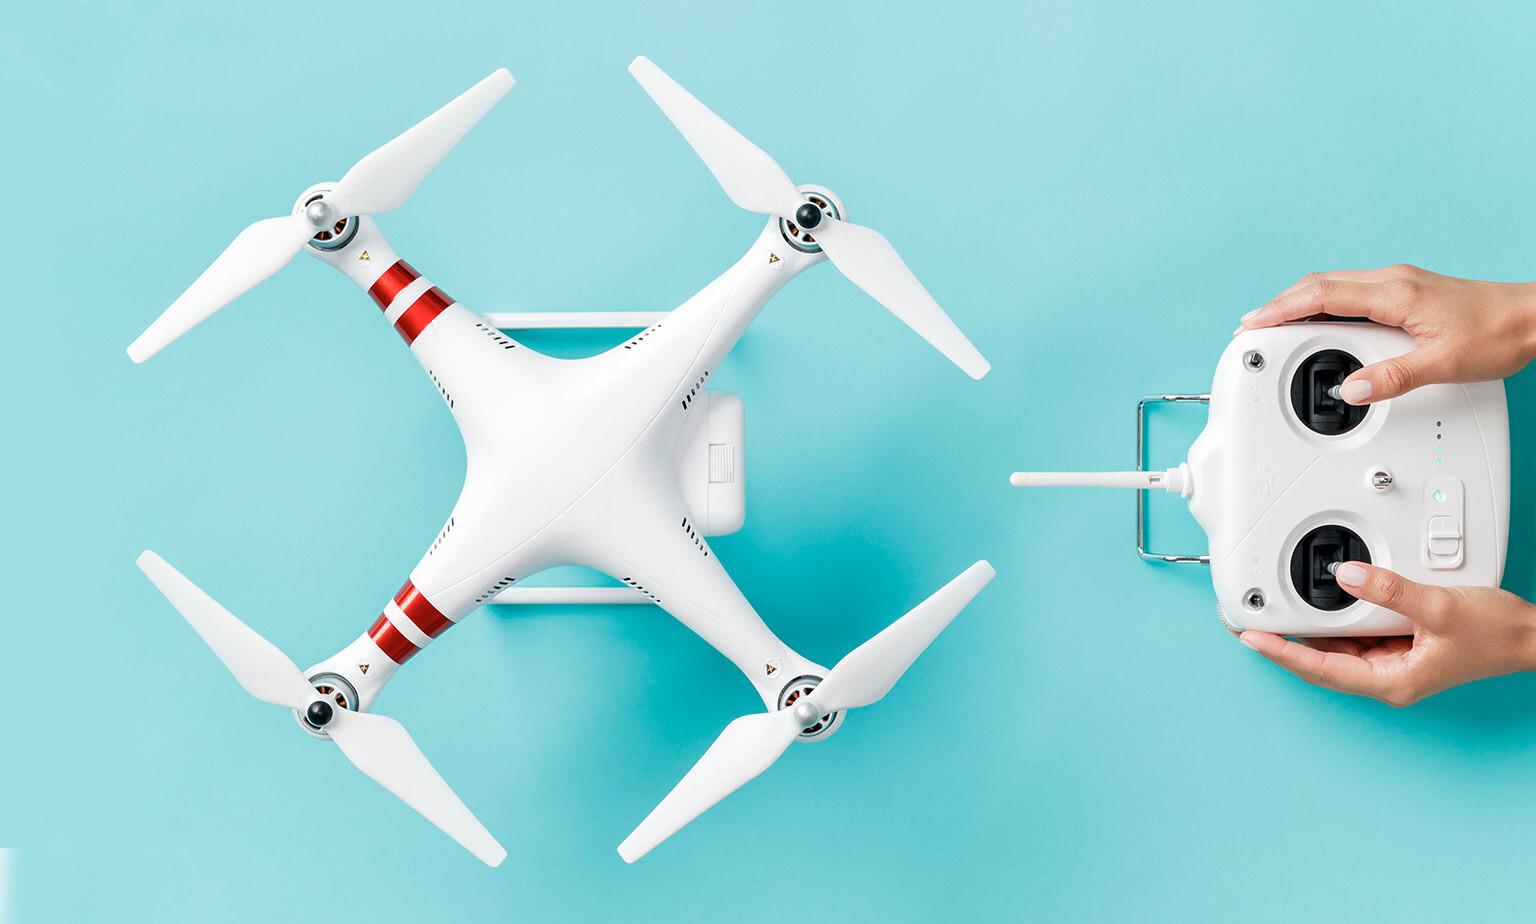 Drohnen & Quadrocopter gebraucht